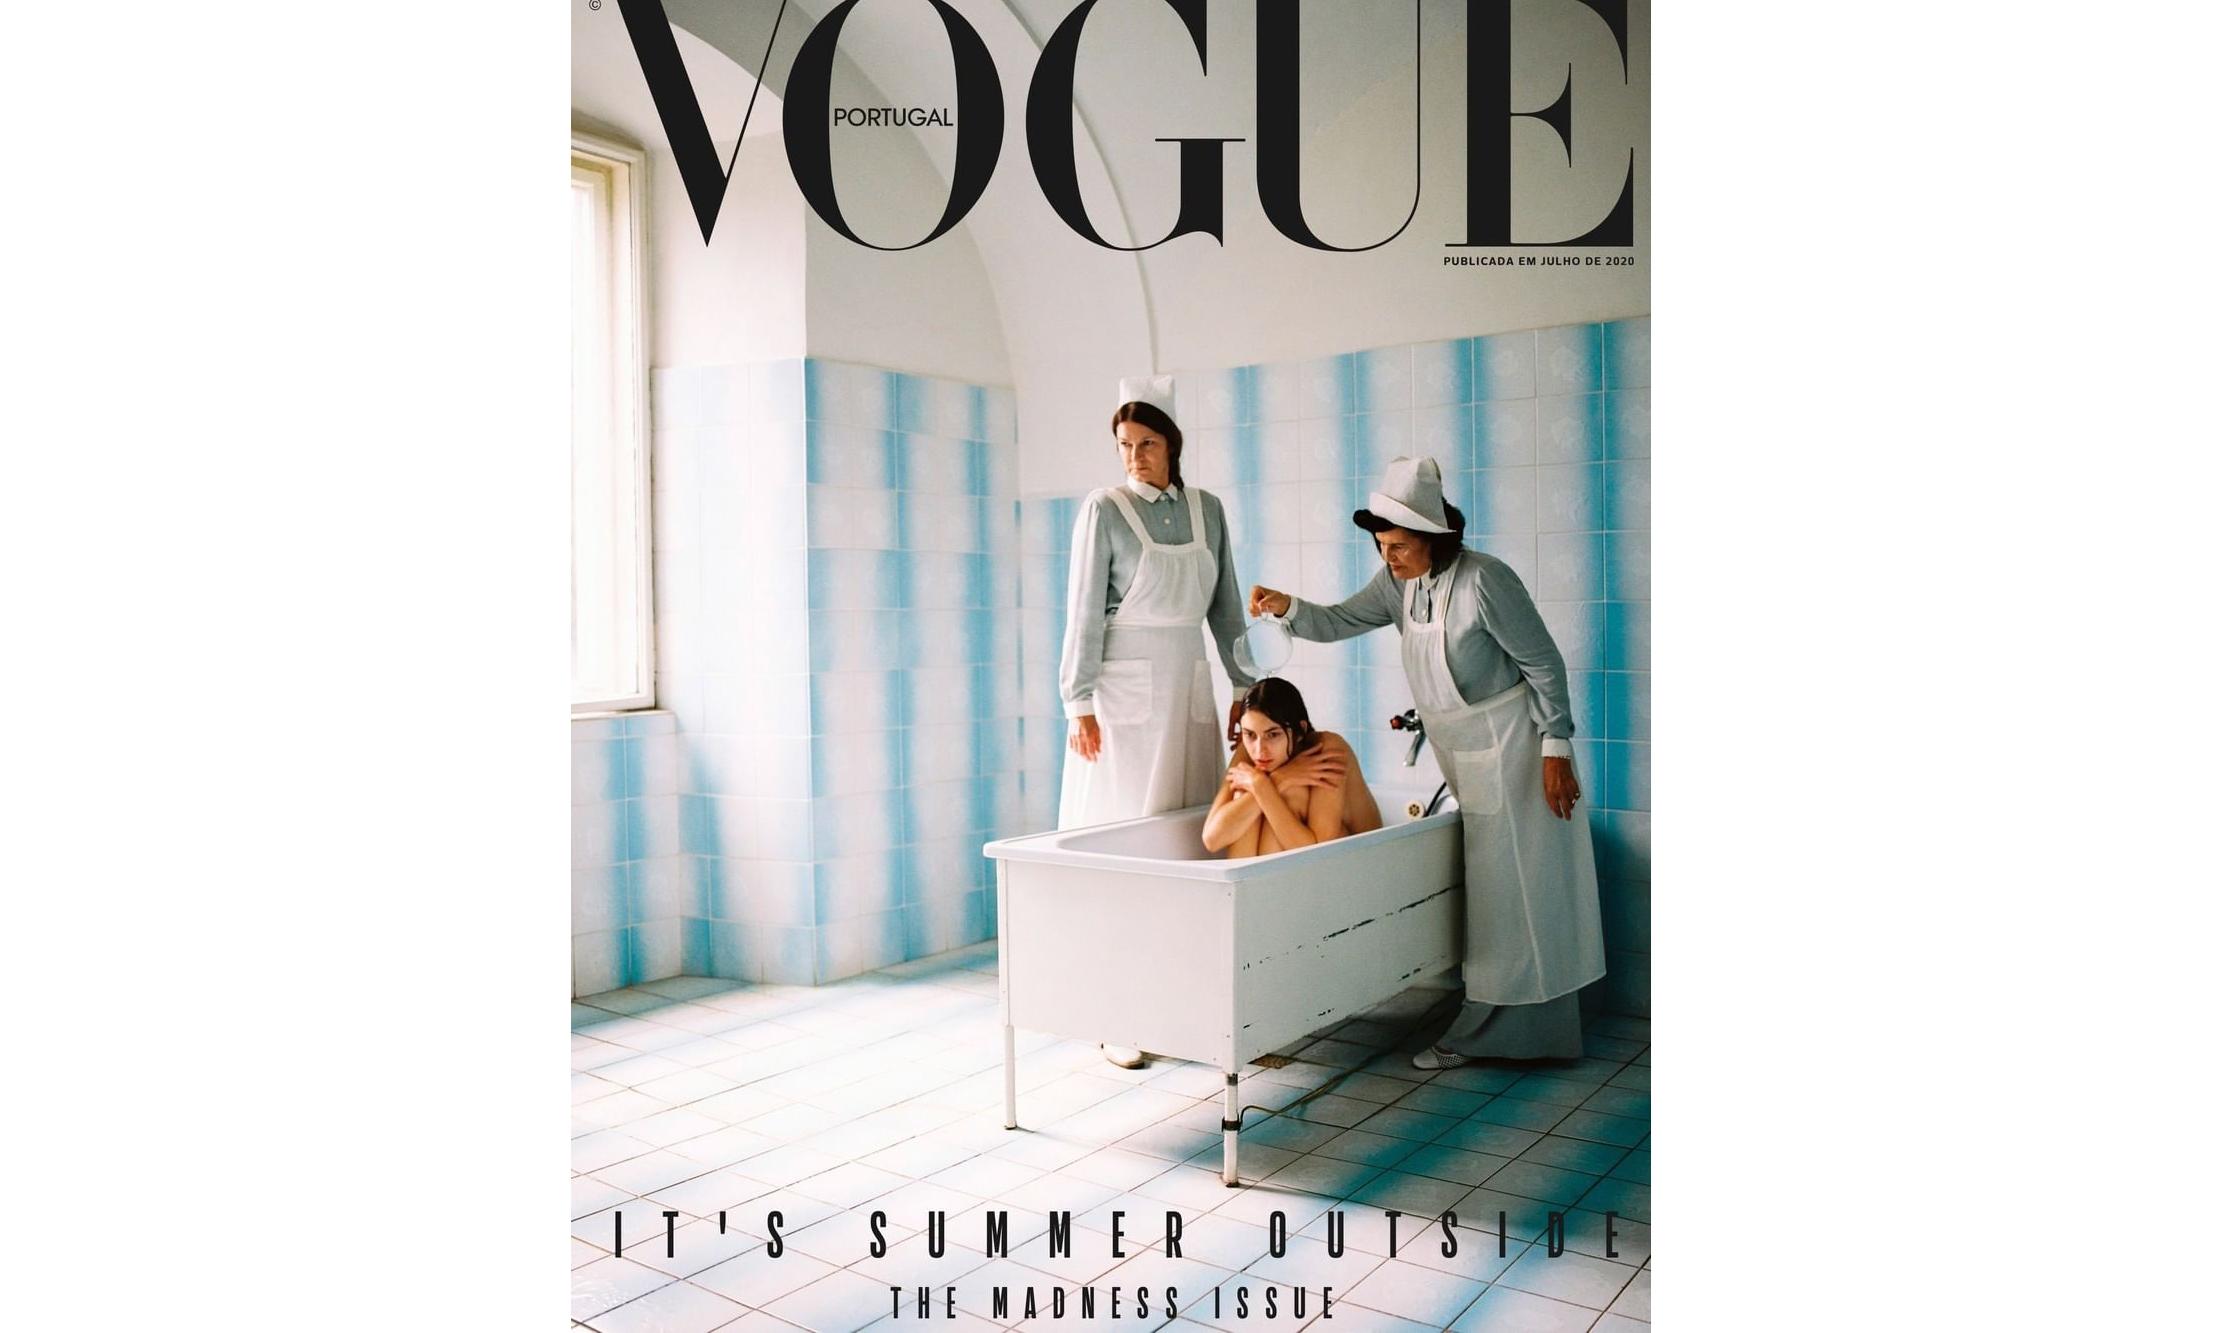 葡萄牙版《VOGUE》因对精神病人的不恰当表现惹争议